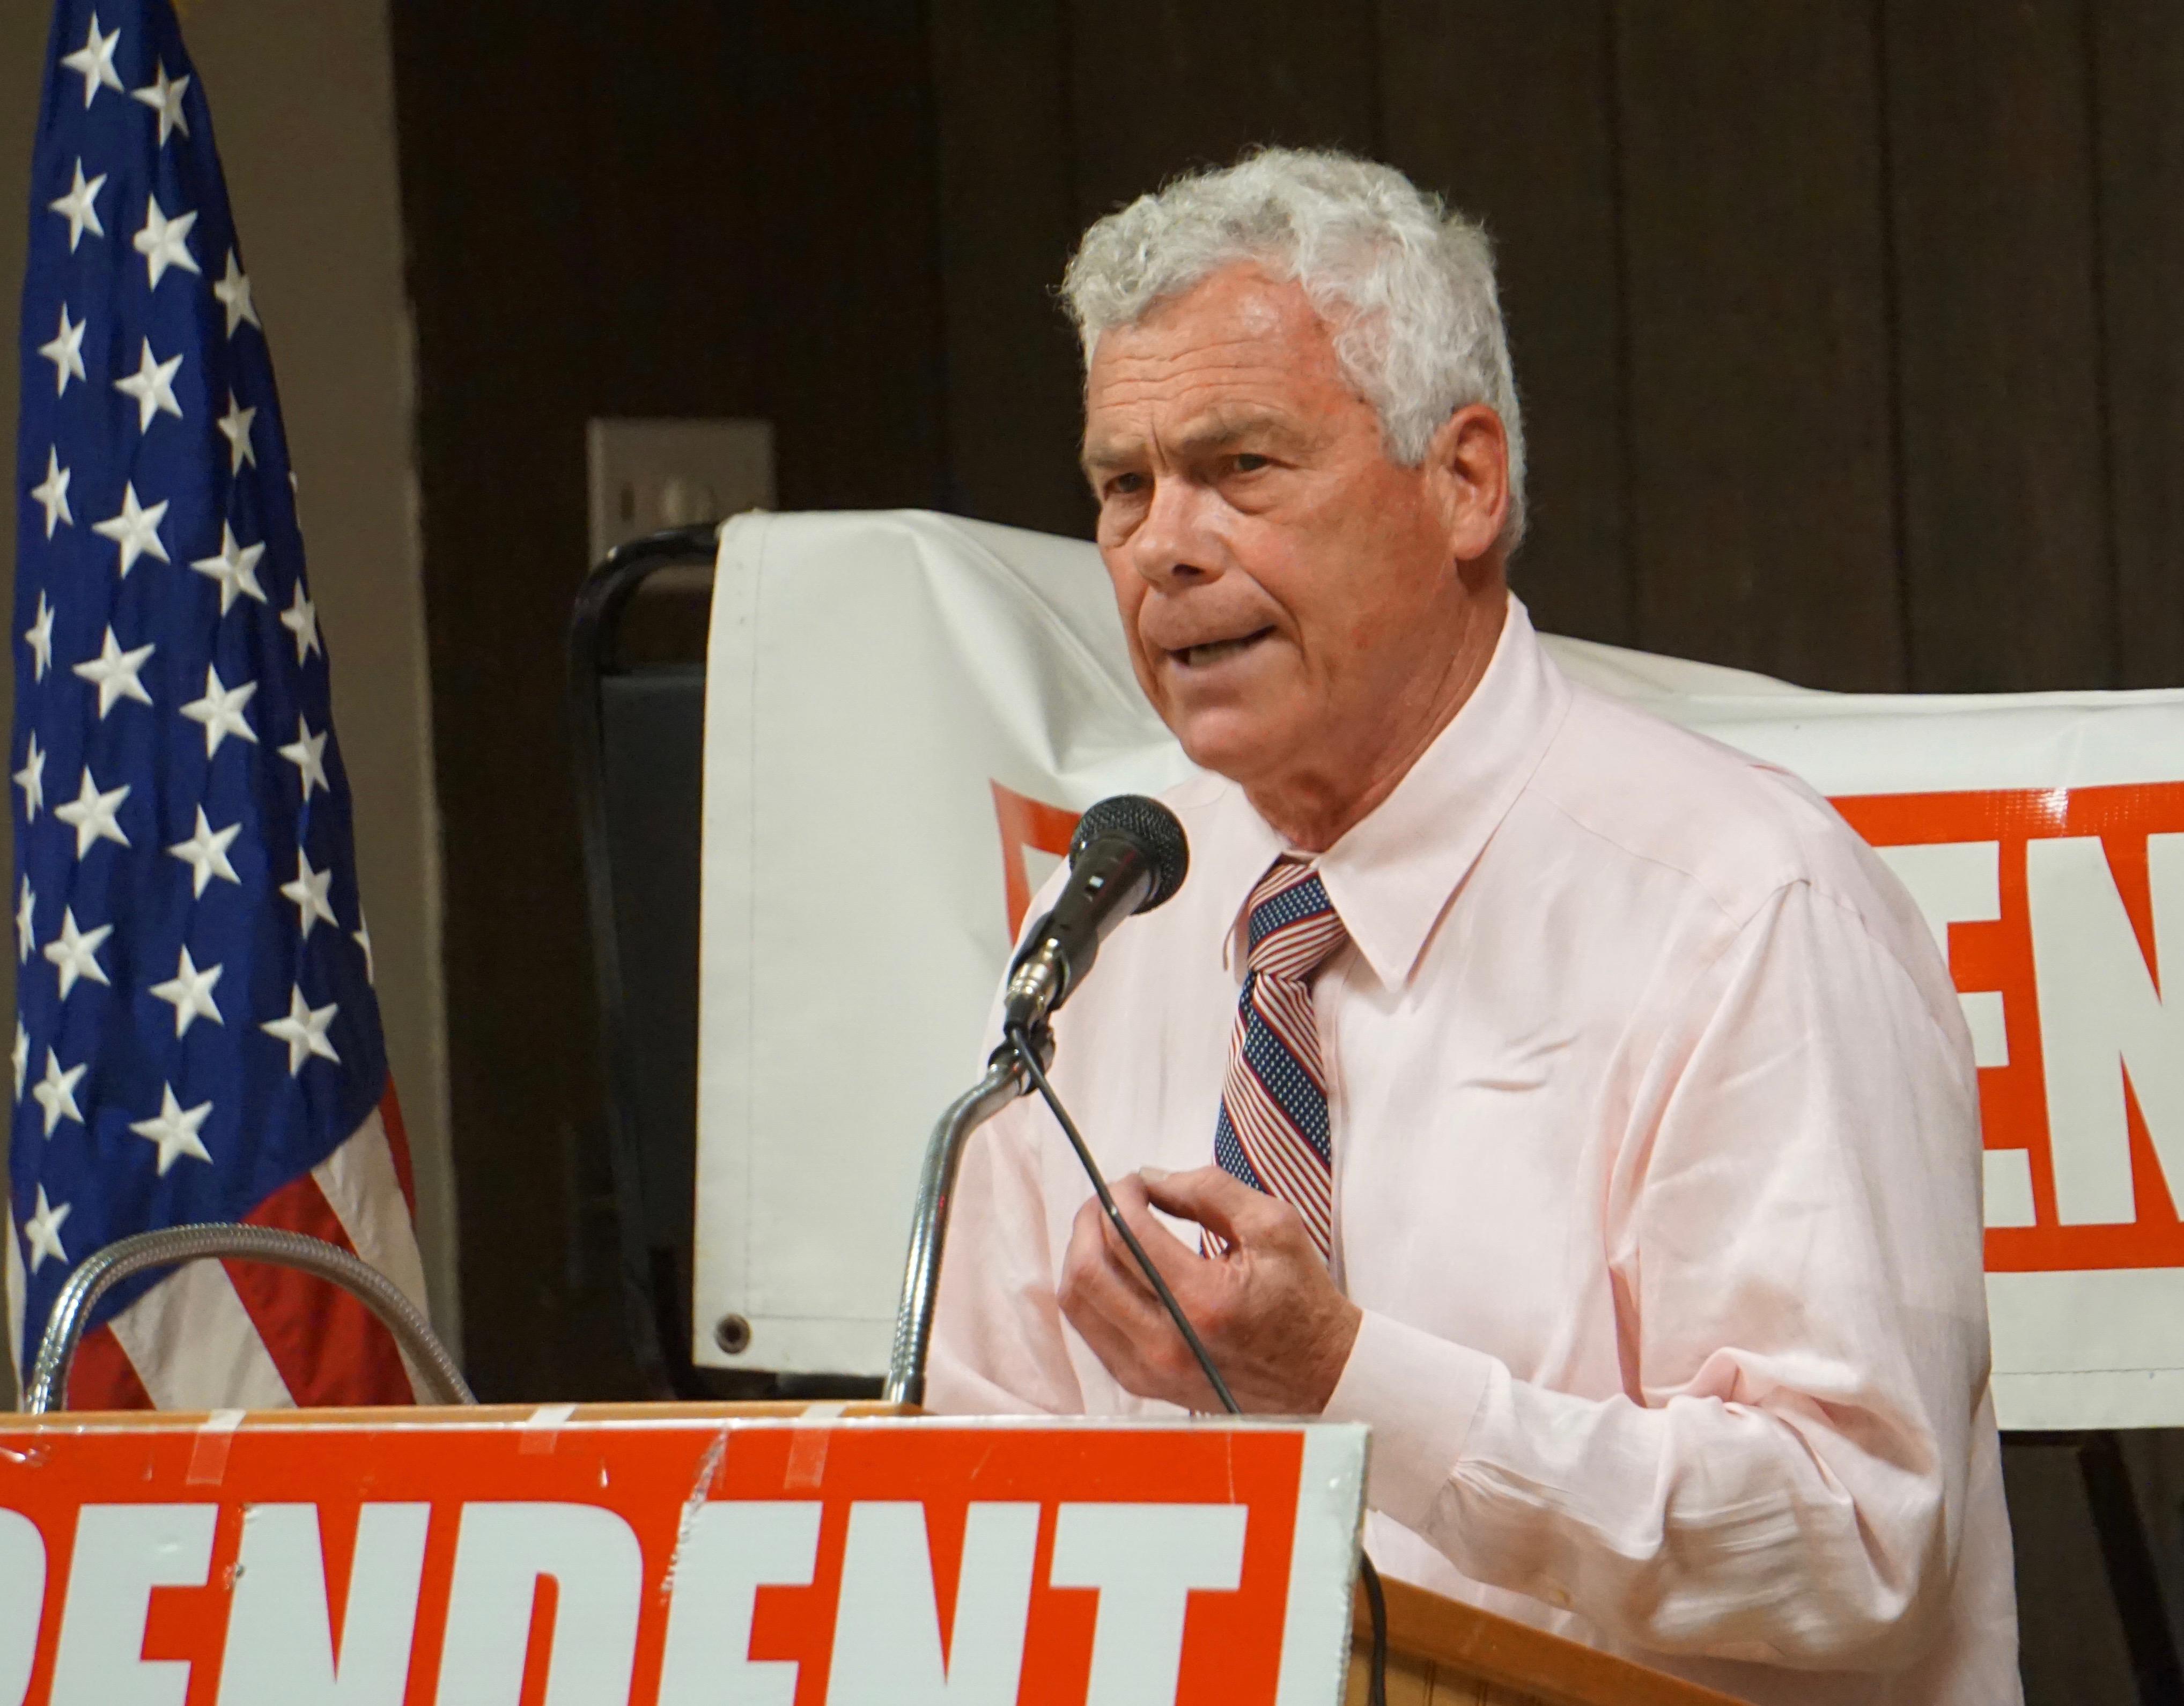 Oz Griebel qualifies for gubernatorial ballot